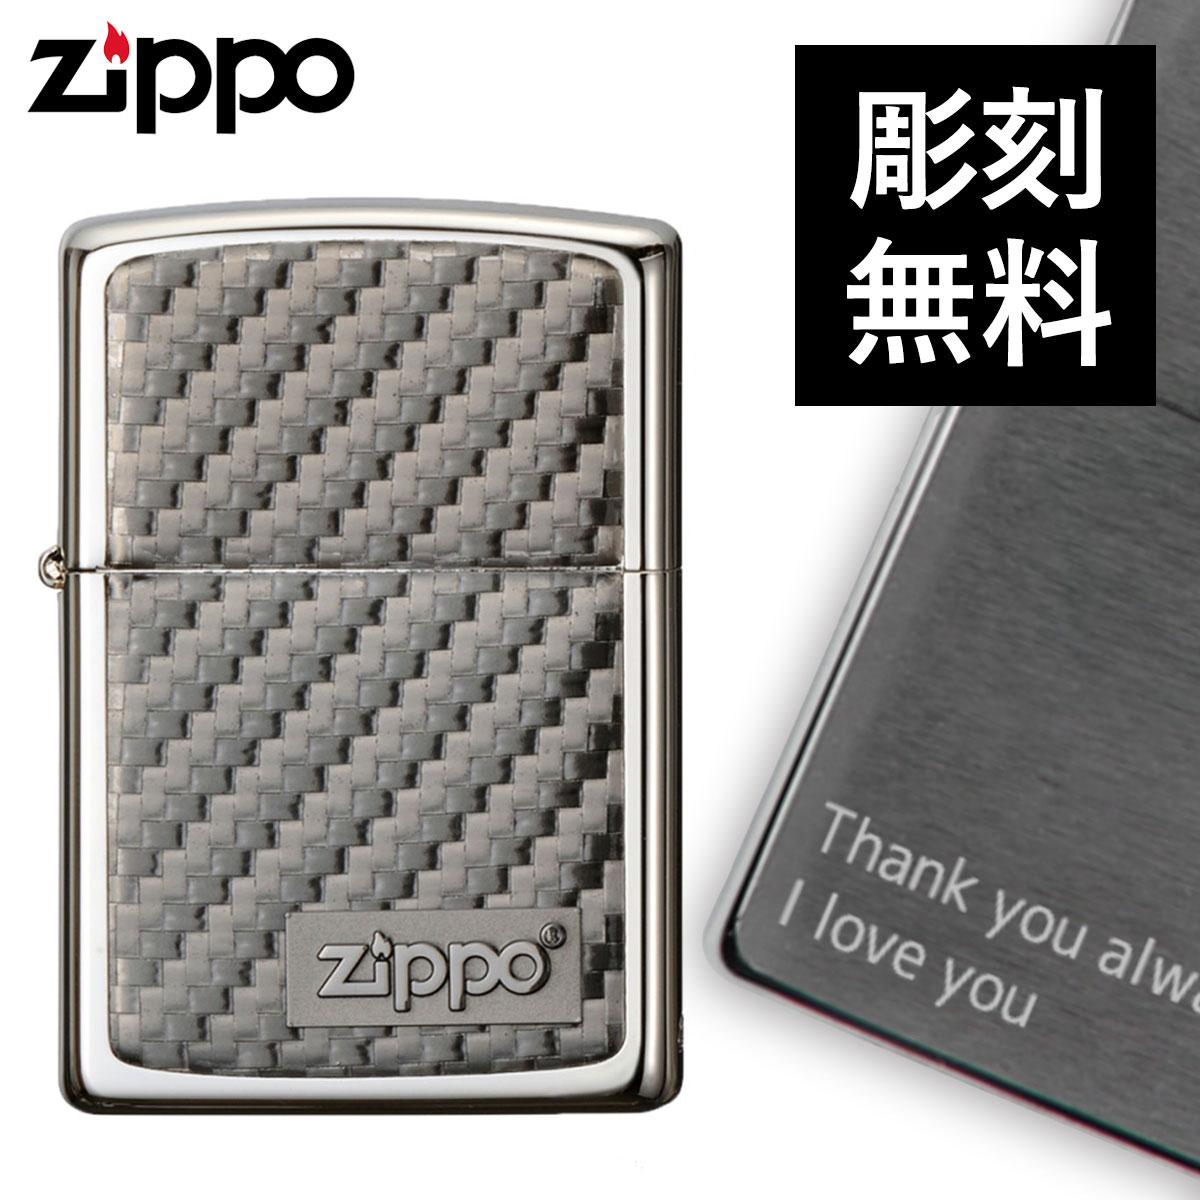 zippo 名入れ ジッポー ライター 銀チタン 15-4 名入れ ギフト オイルライター ジッポライター ギフト プレゼント メンズ レディース 男性用 女性用